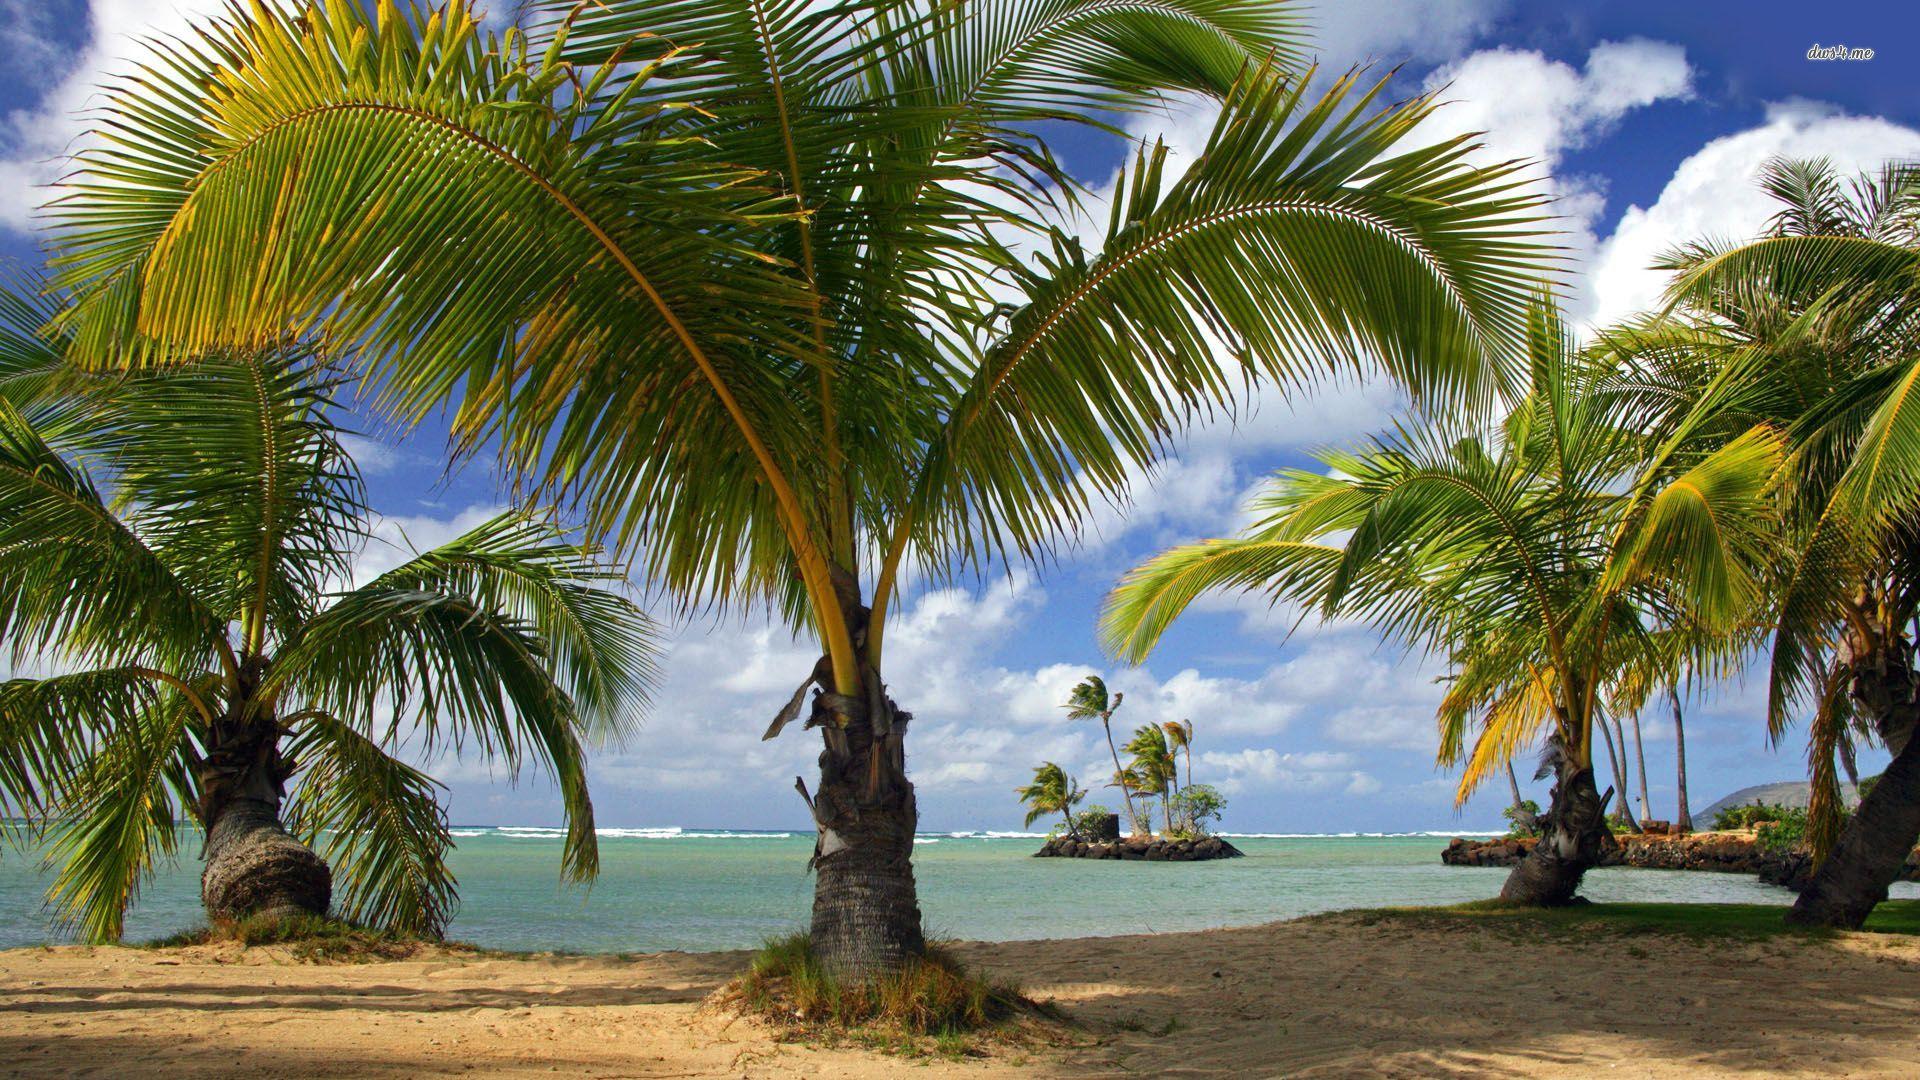 Palm trees wallpaper 1280x800 Palm trees wallpaper 1366x768 Palm trees 1920x1080